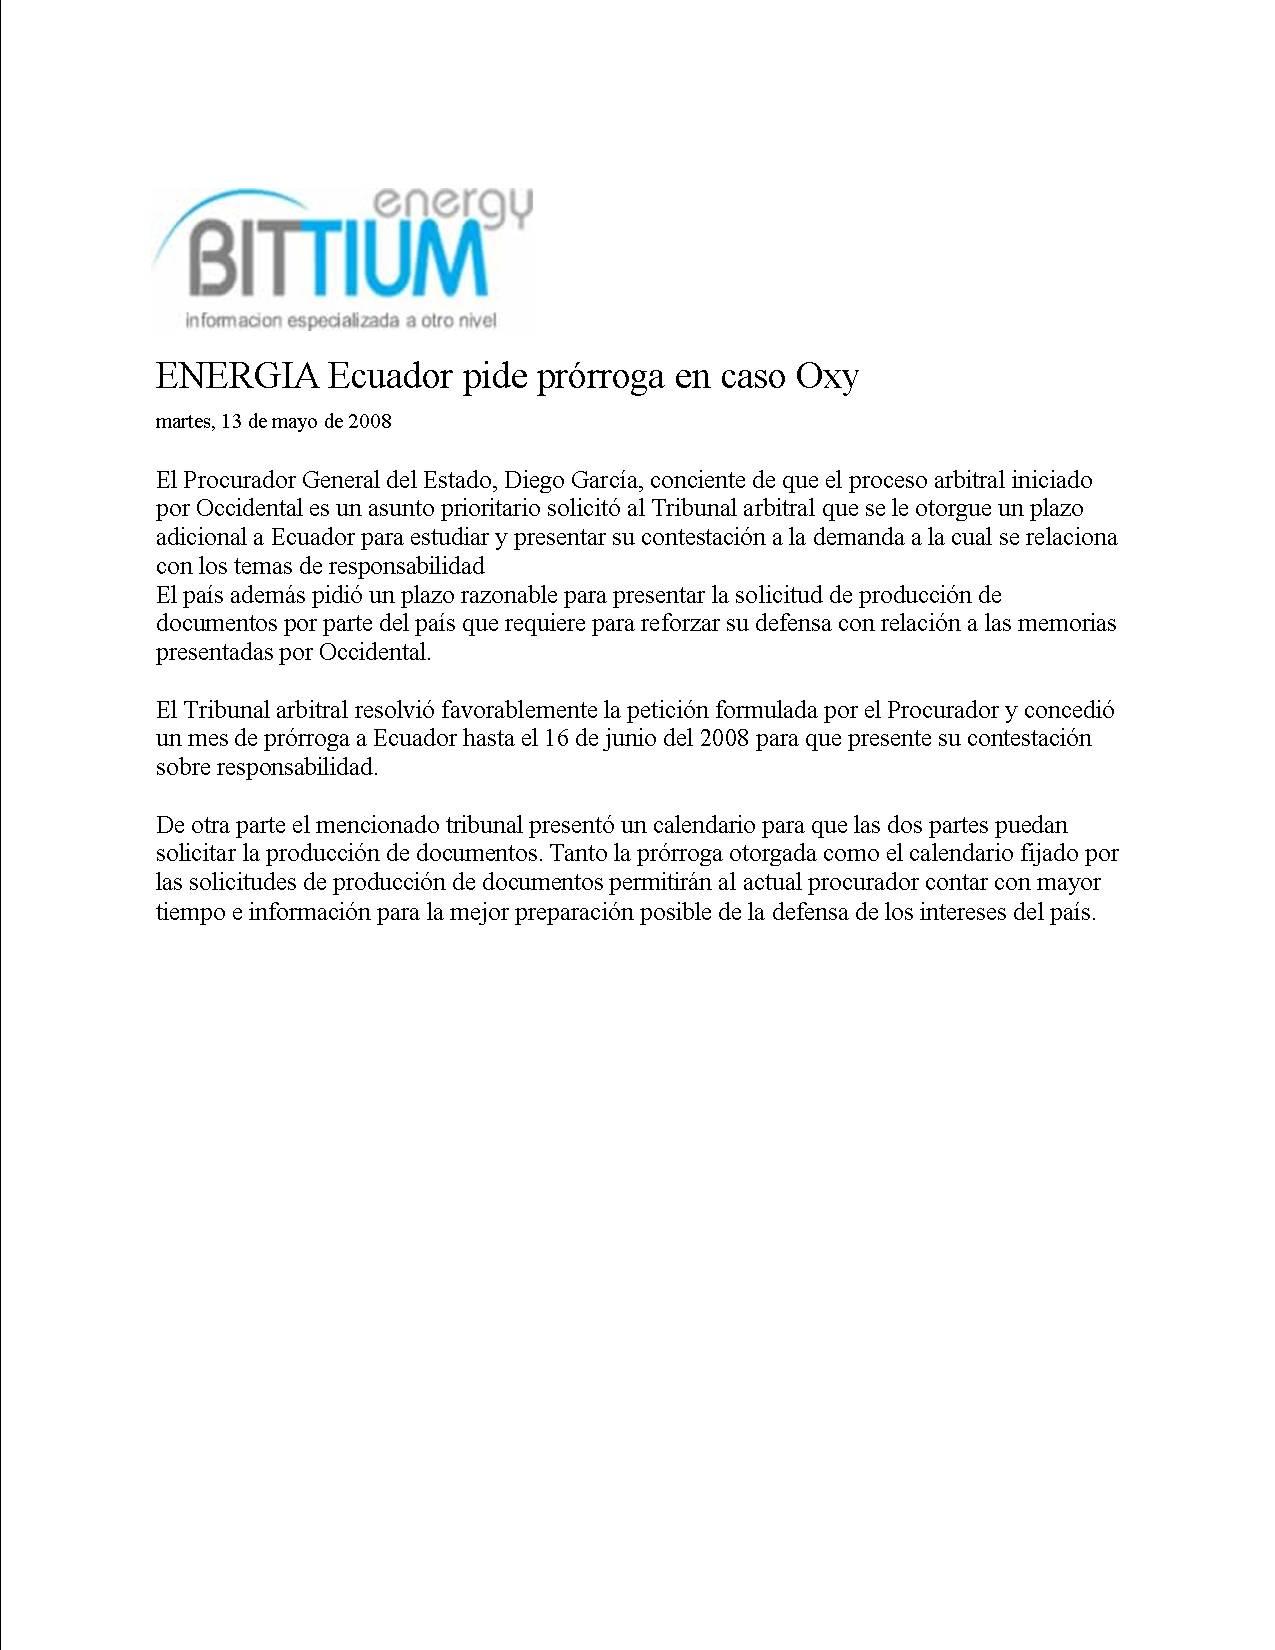 6-2008-05-13-Bittium